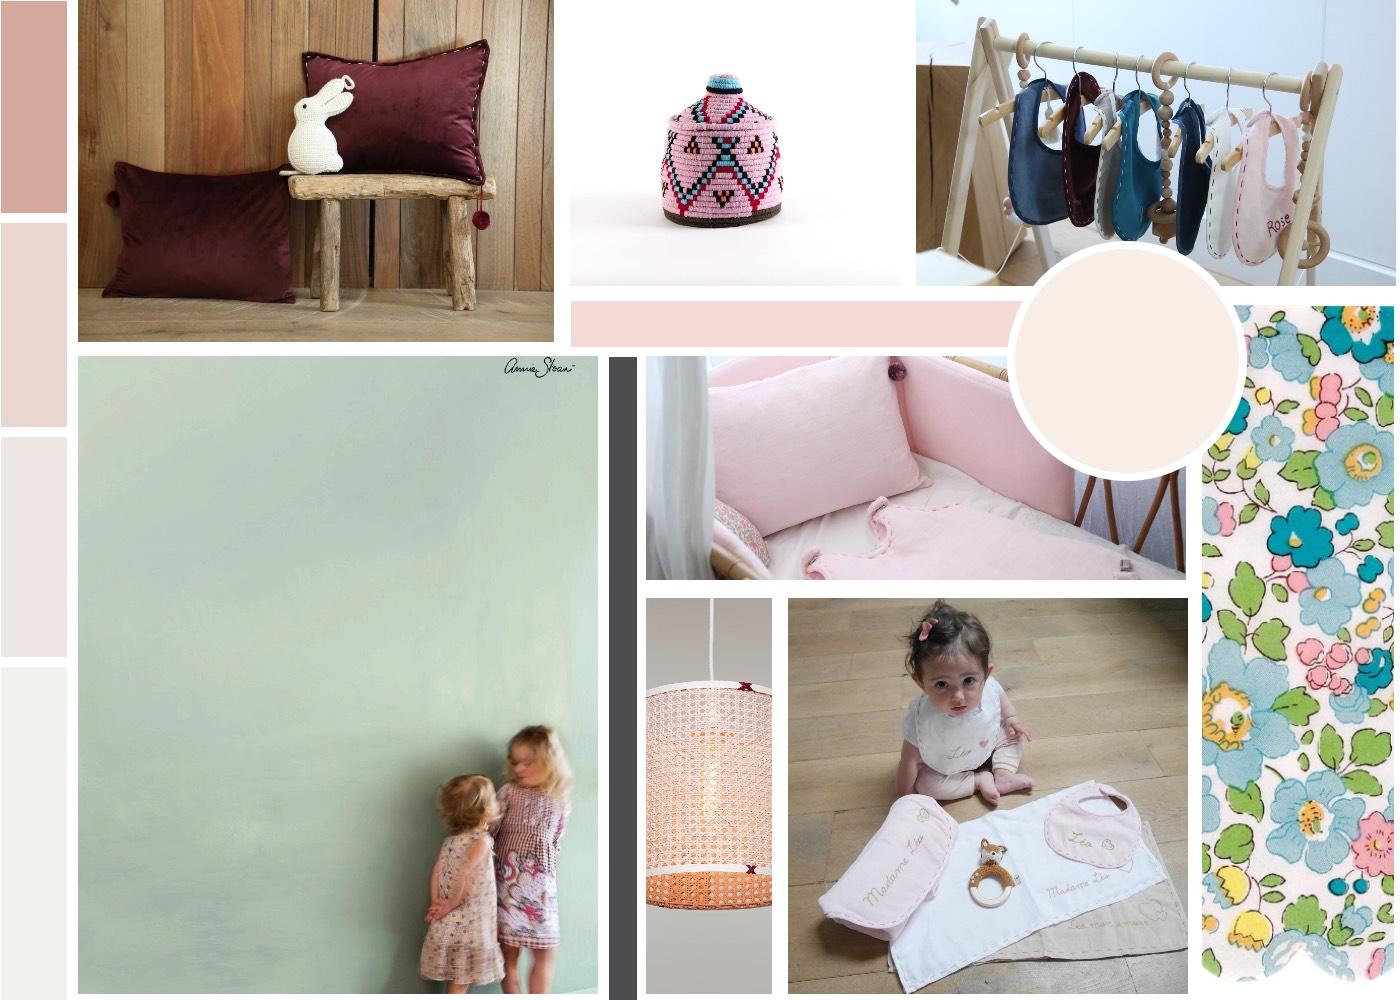 Ambiance chambre bebe fille toutes les planches setmystyle partagez vos planches tendances - Ambiance chambre fille ...